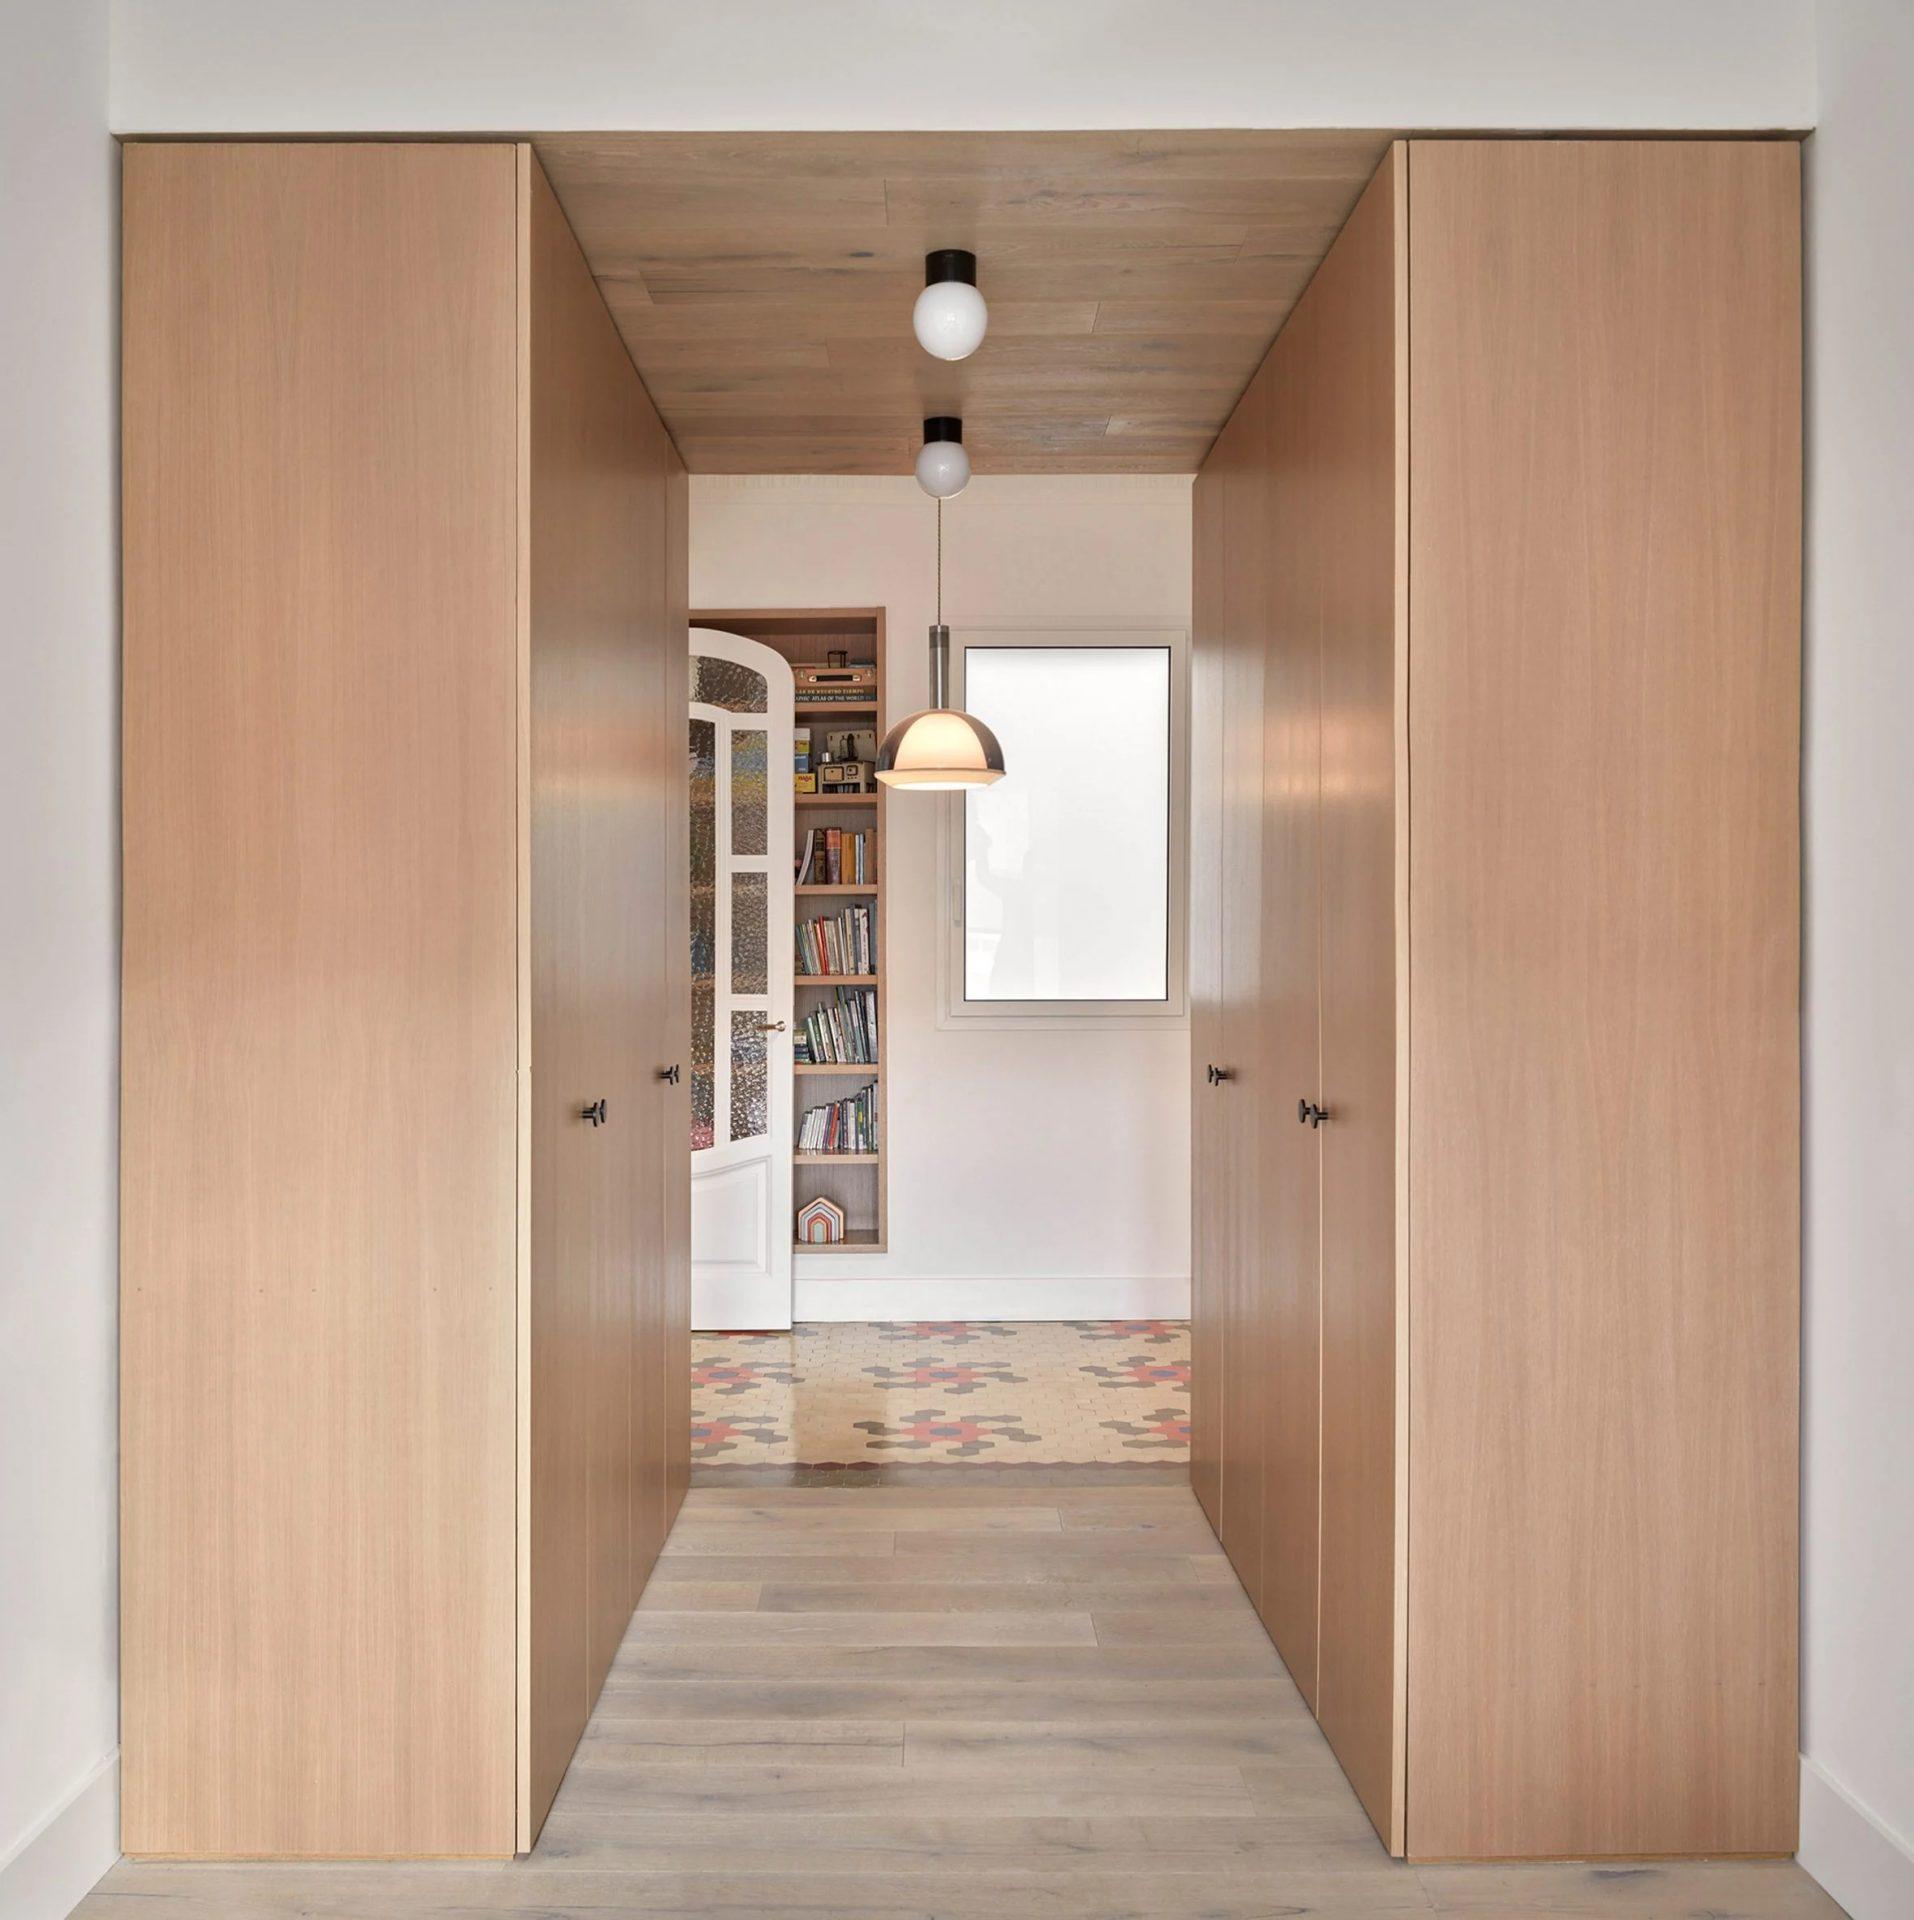 dg-arquitecto_designalive-9